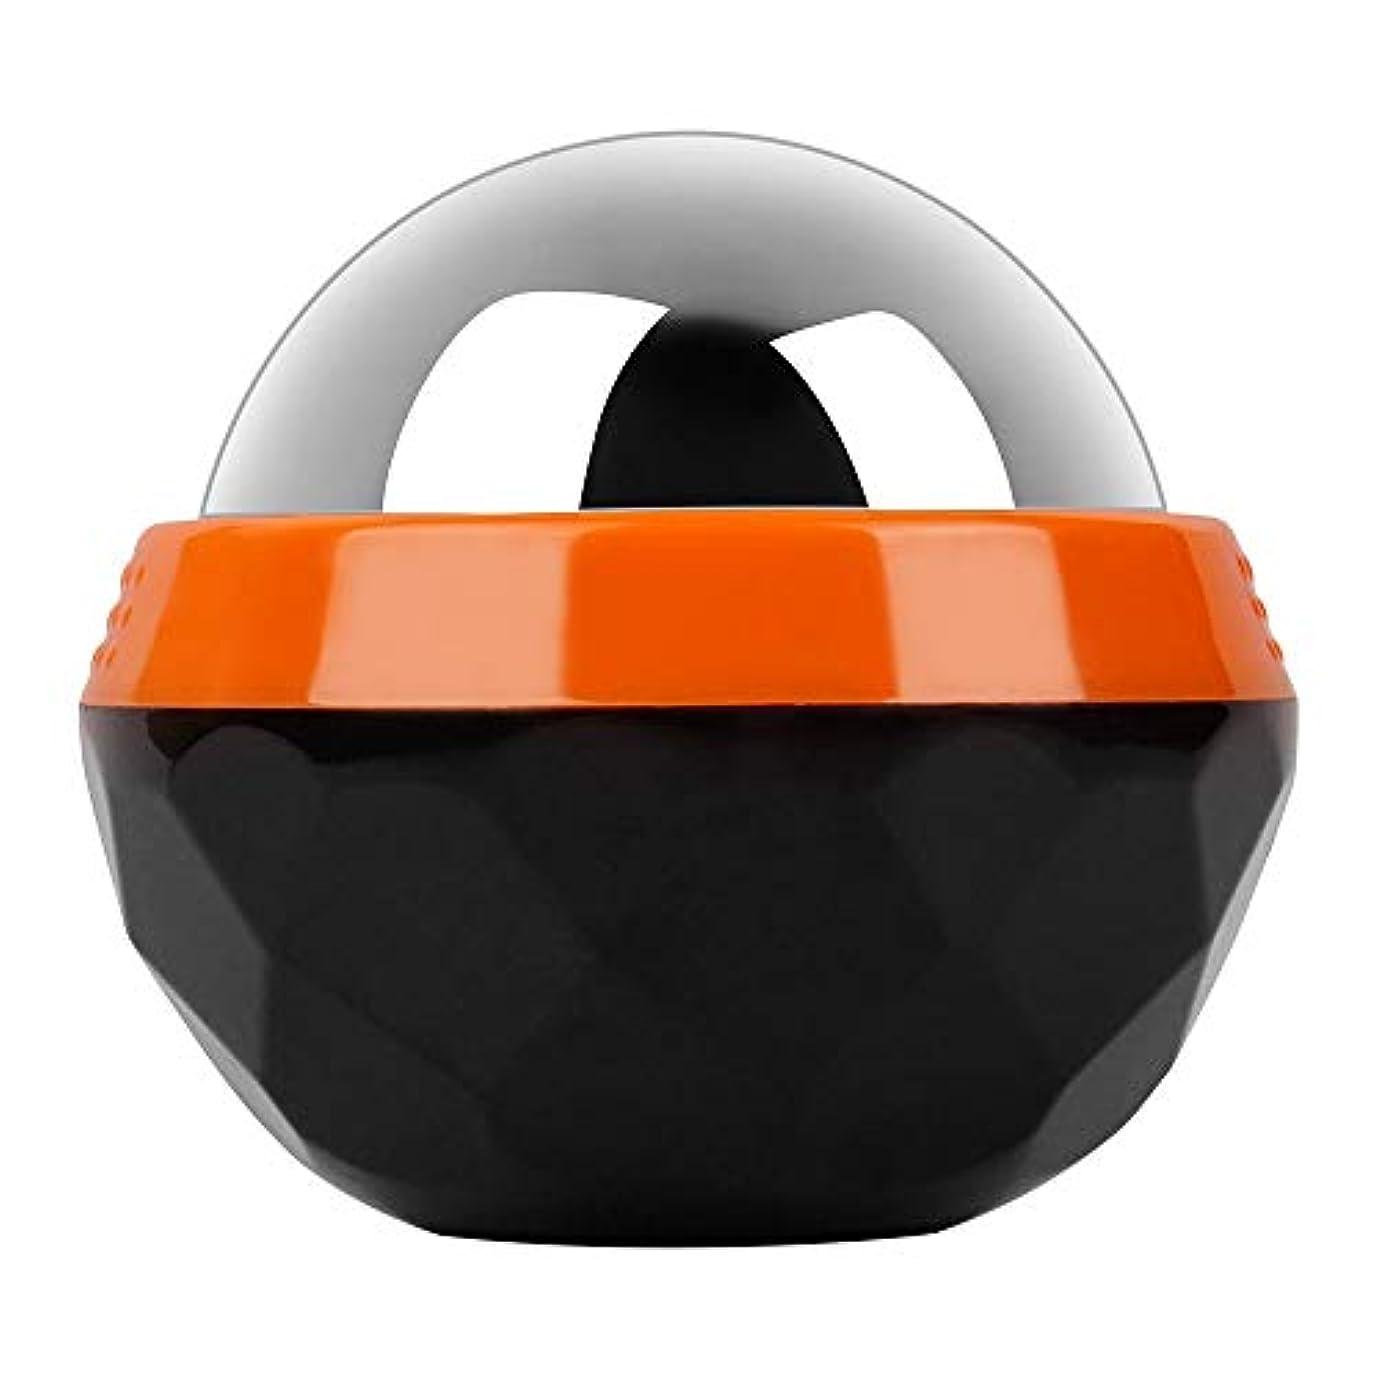 考古学帽子路面電車GeTooコールドマッサージローラーボール-2.4インチの氷球は6時間冷たさを持続、アイスセラピーディープティッシュマッサージ、オレンジとブラック